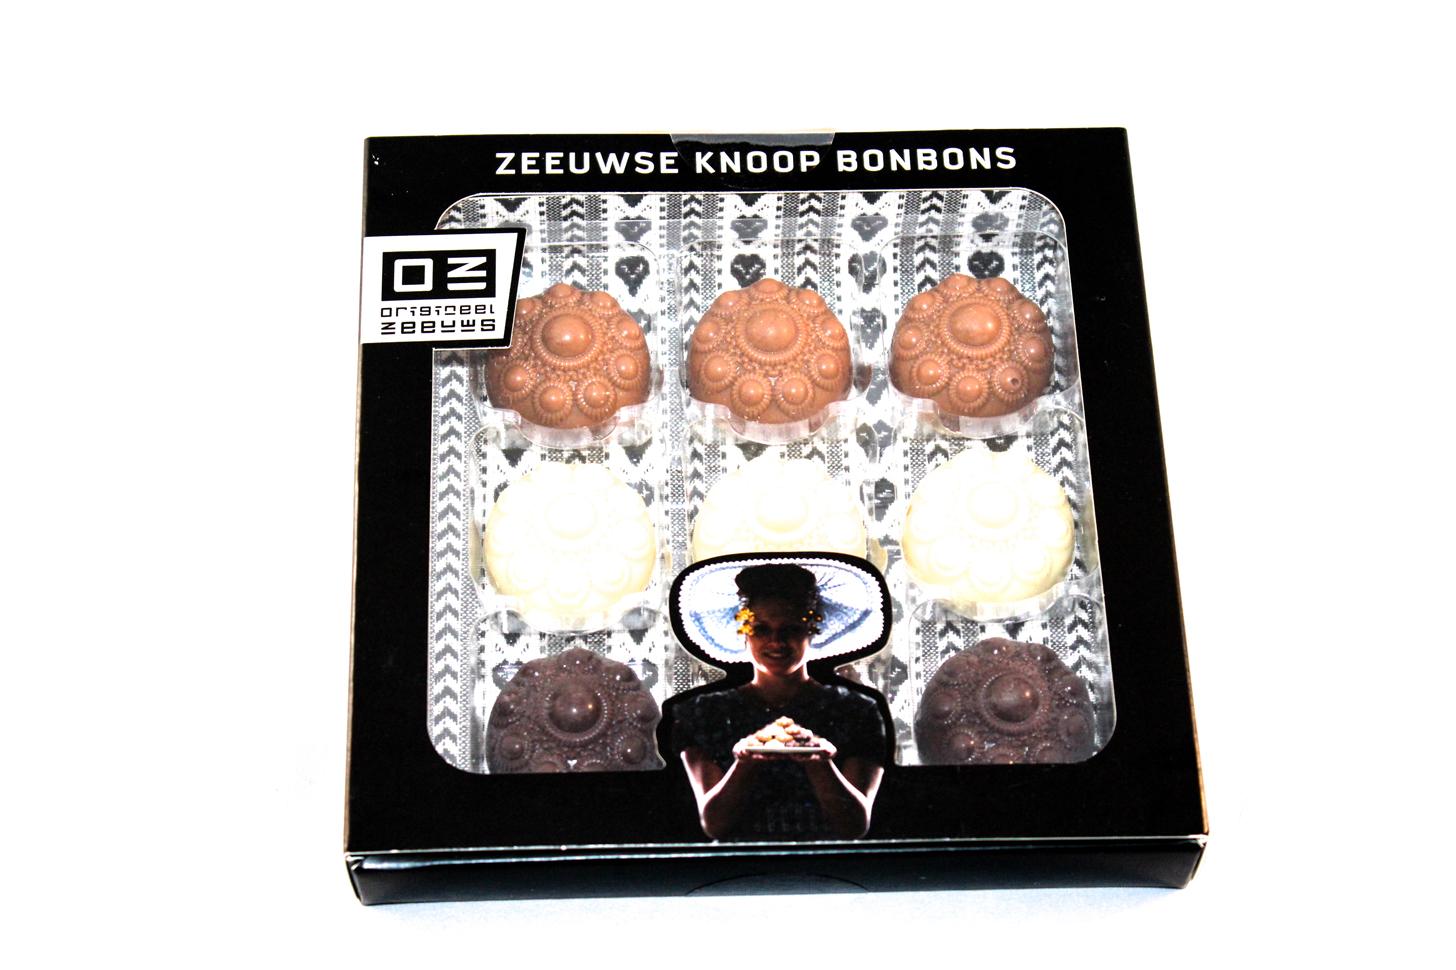 Knoop bonbons doosje van 9